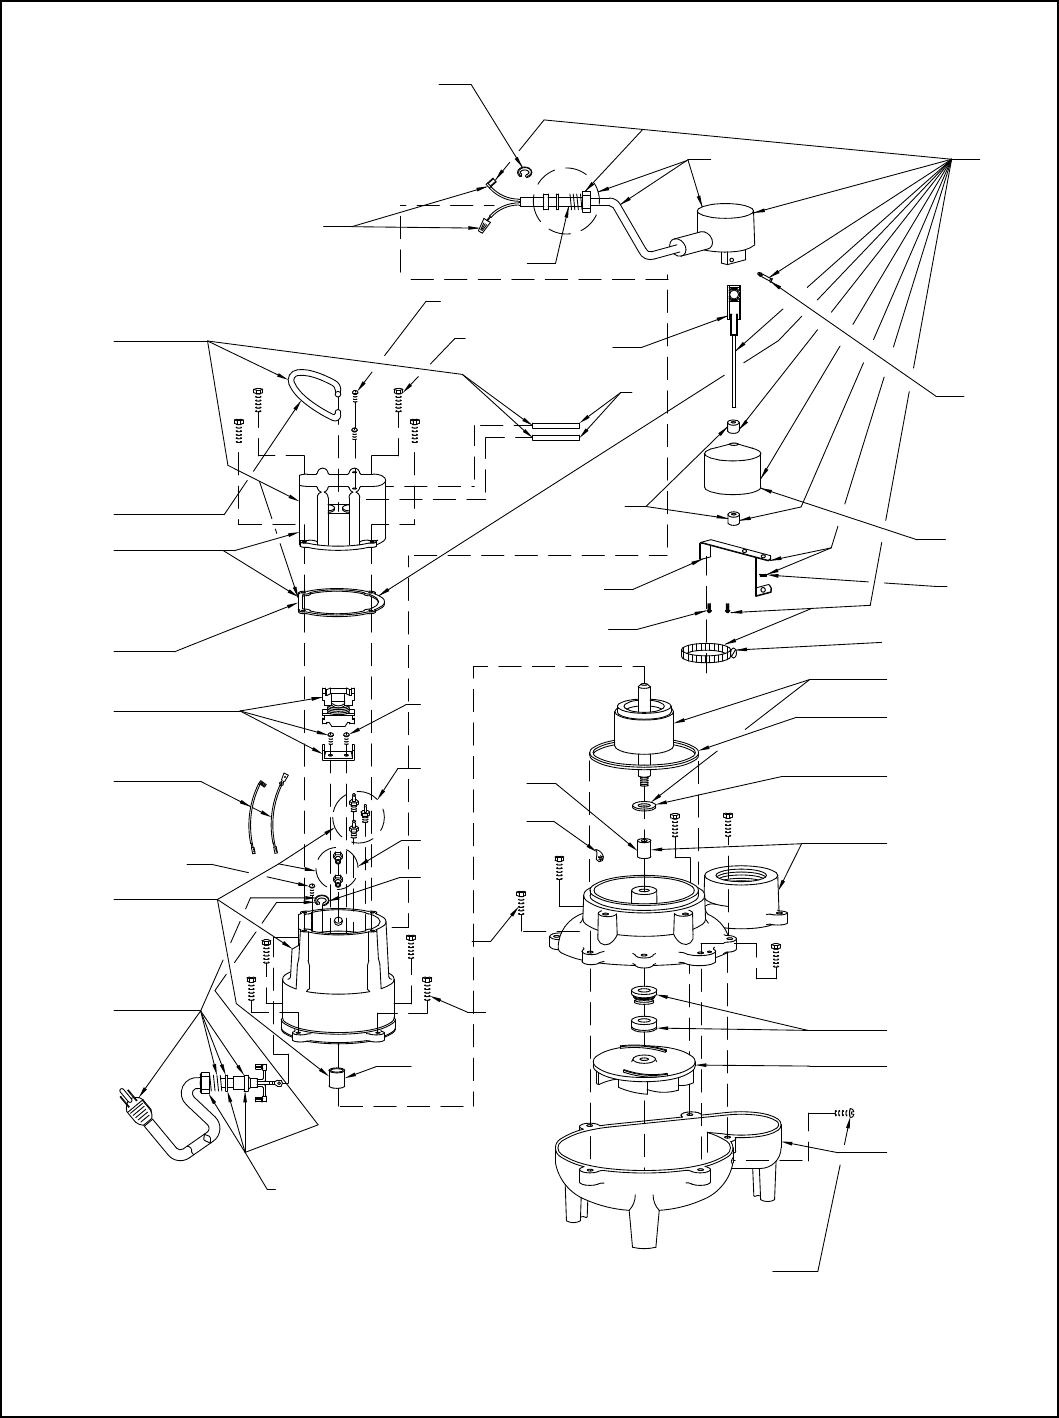 182 4 Zoeller 267 Series Repair Parts User Manual